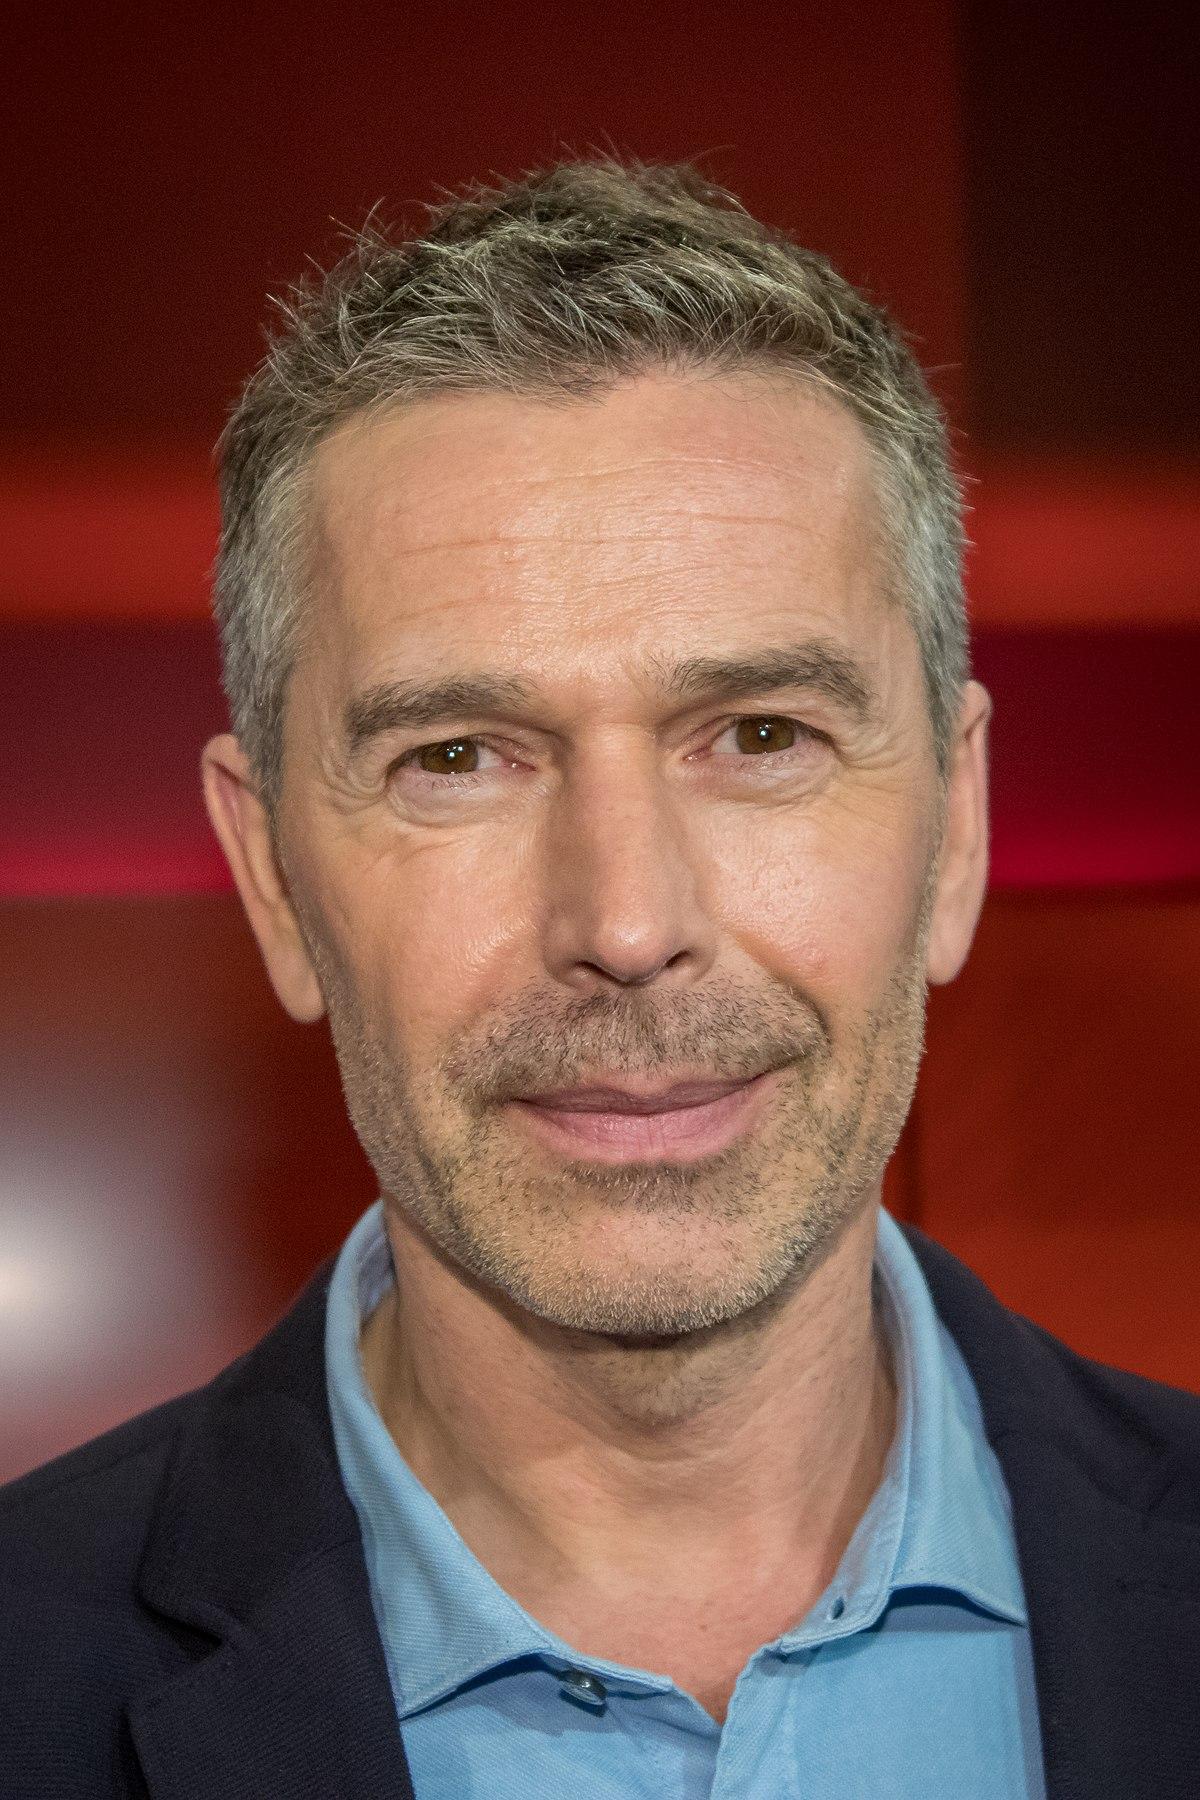 Dirk Steffens